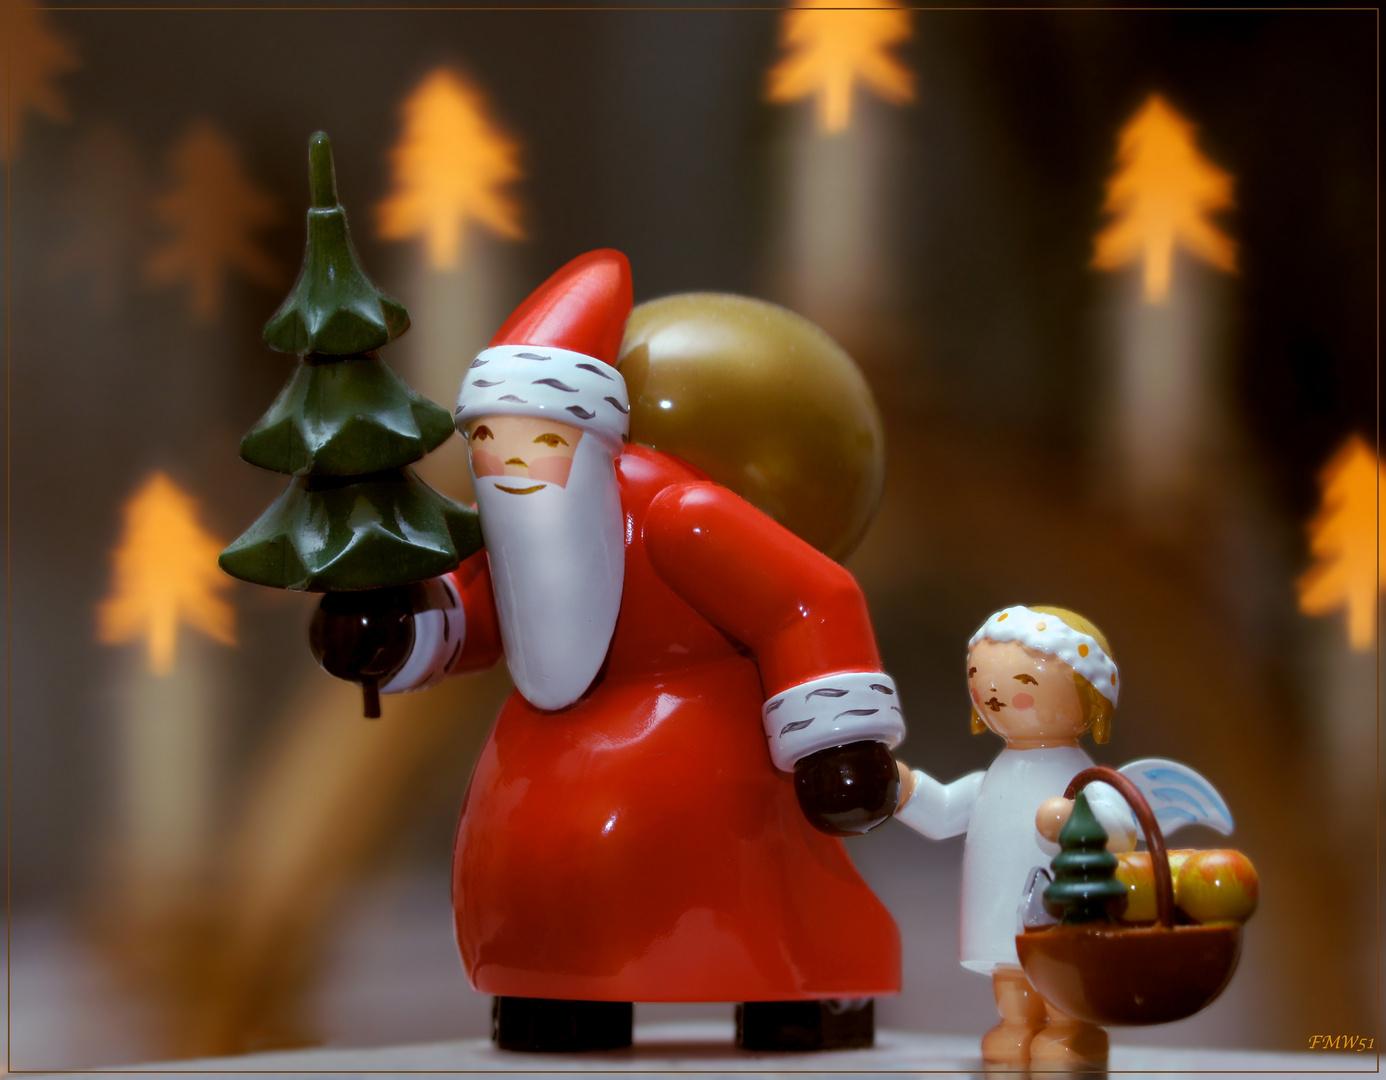 Weihnachtsgrüße Christkind.Weihnachtsmann Und Christkind Foto Bild Gratulation Und